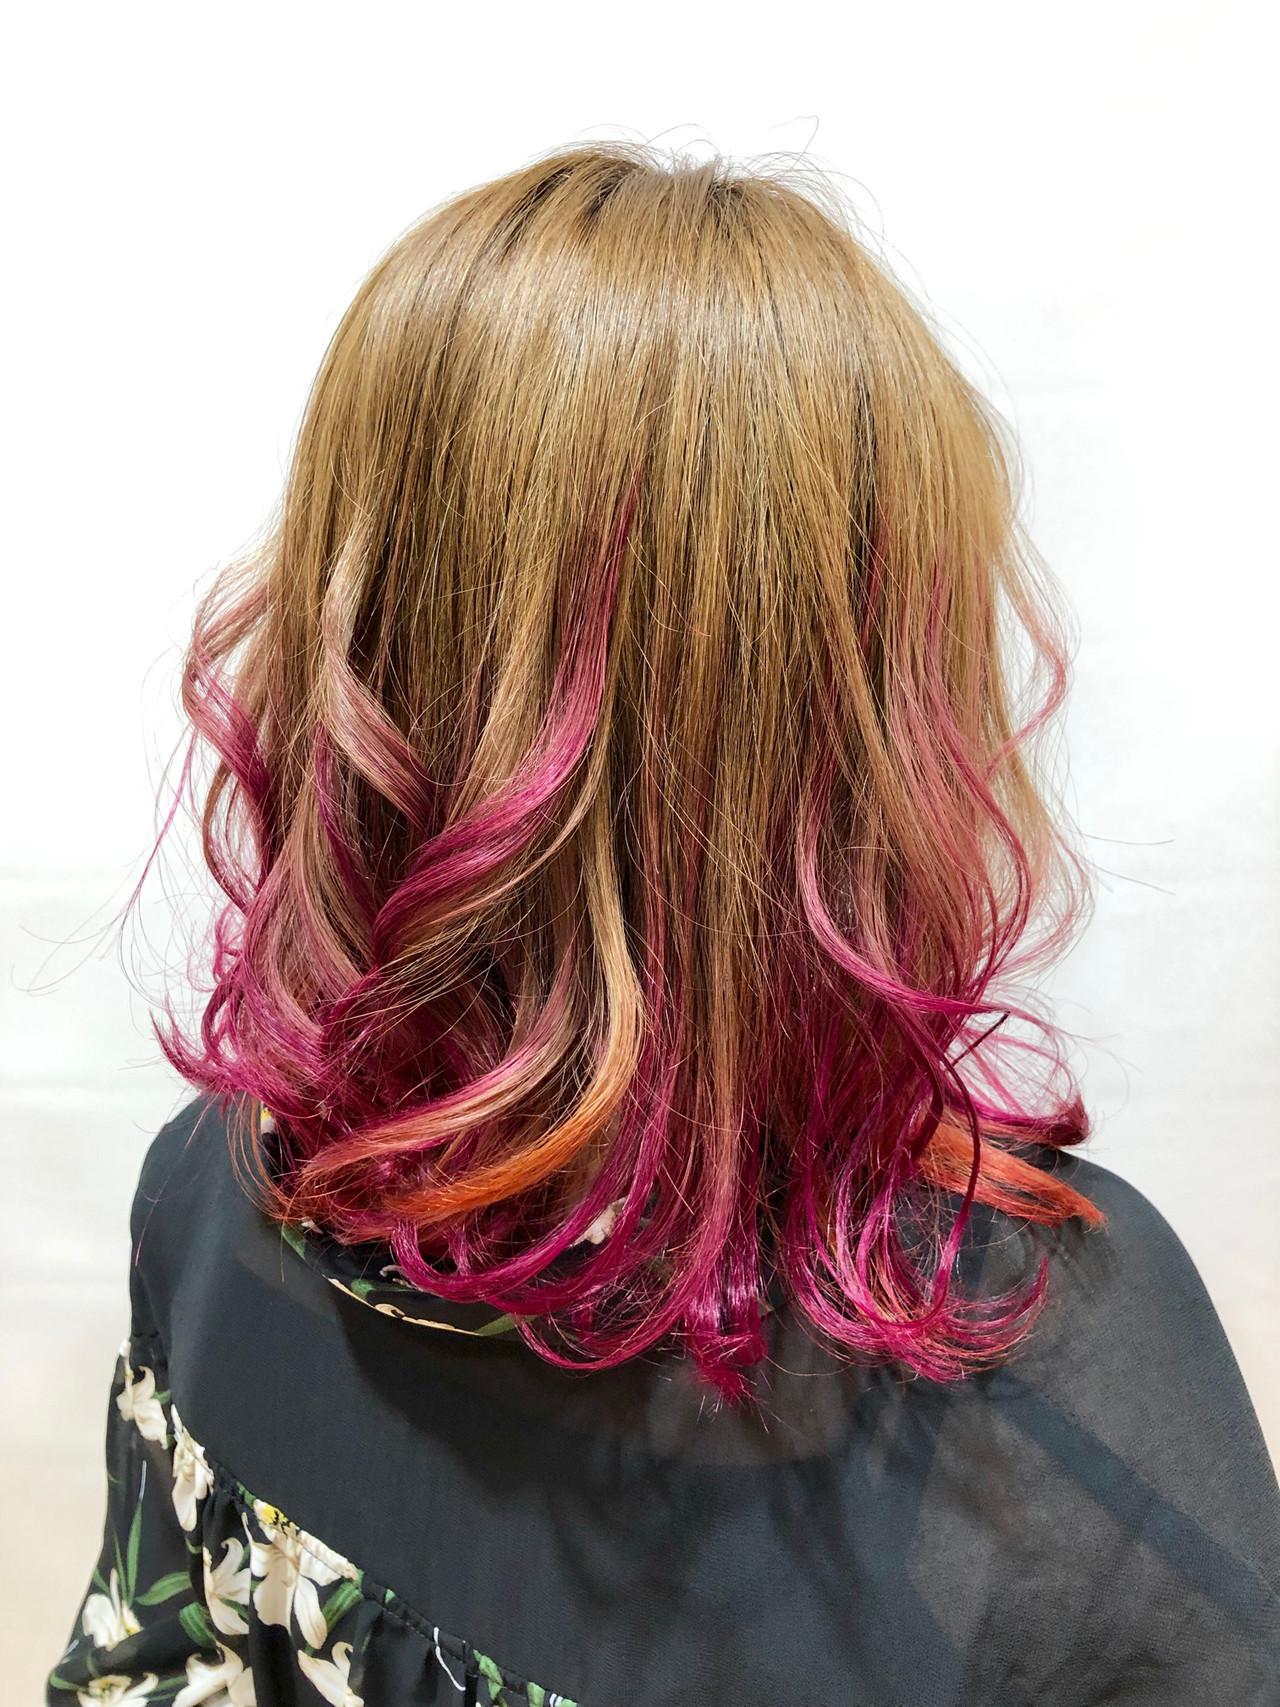 ピンク ミディアムレイヤー ミディアム ベージュ ヘアスタイルや髪型の写真・画像